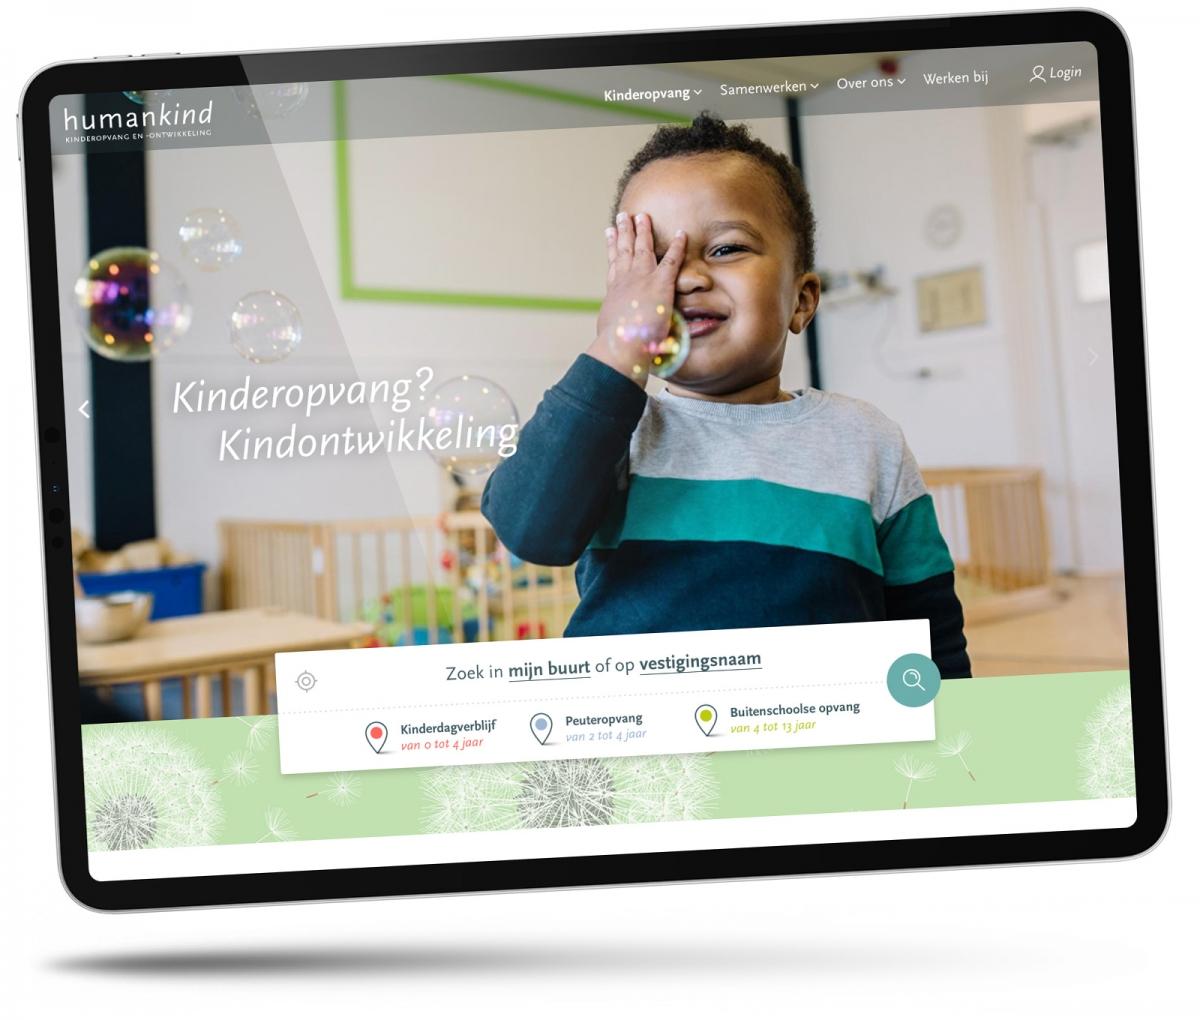 Humankind: Kinderopvang? Kindontwikkeling